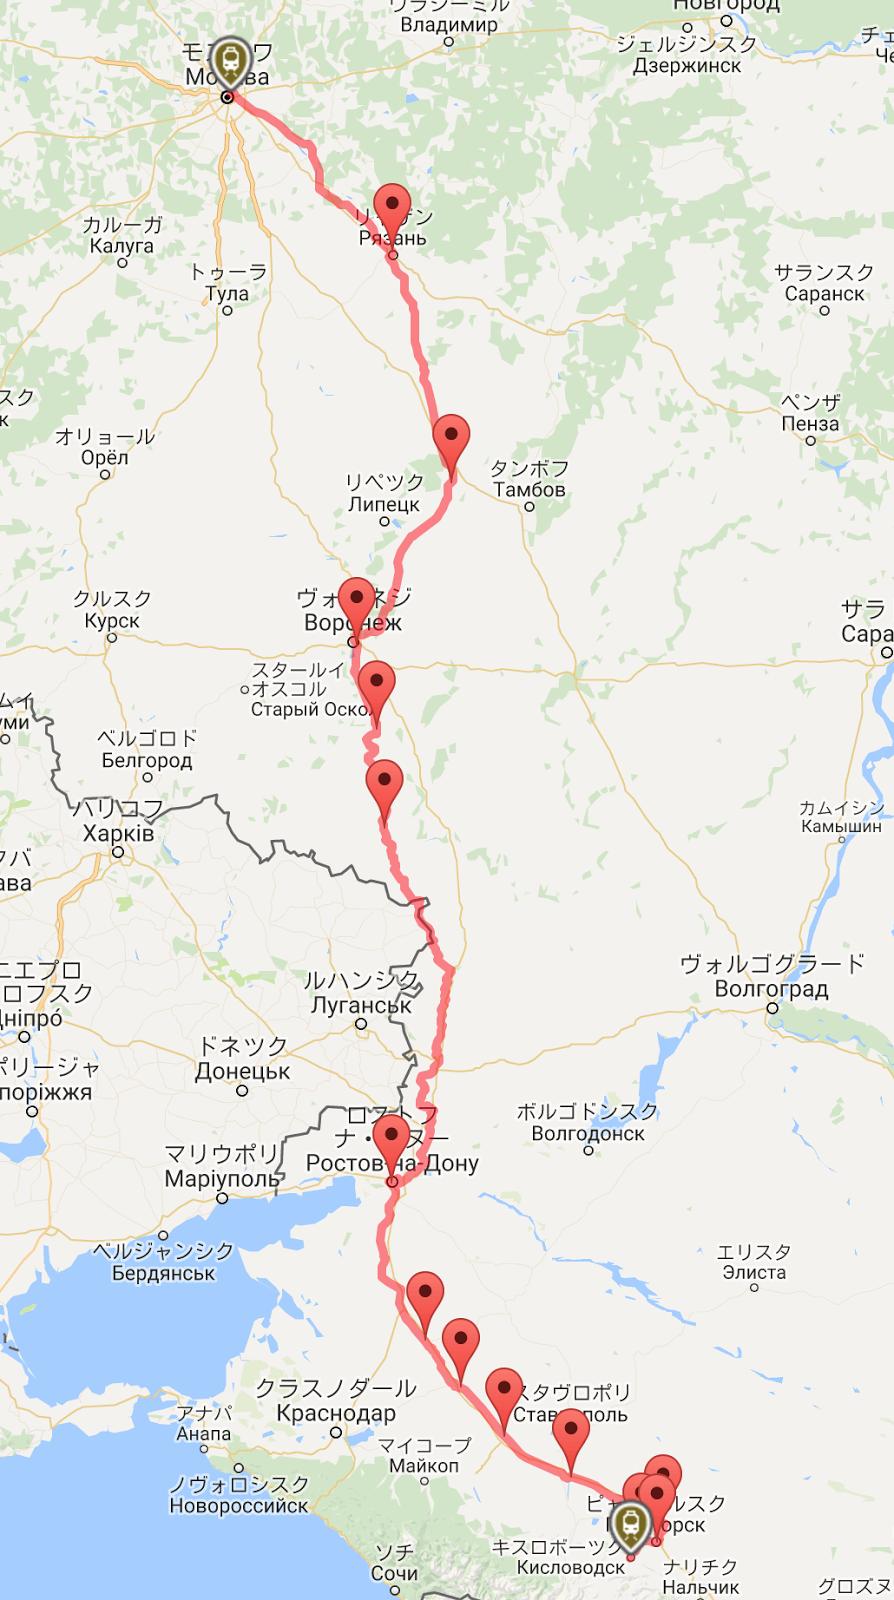 こうやのロシア東欧探訪: ロシア...